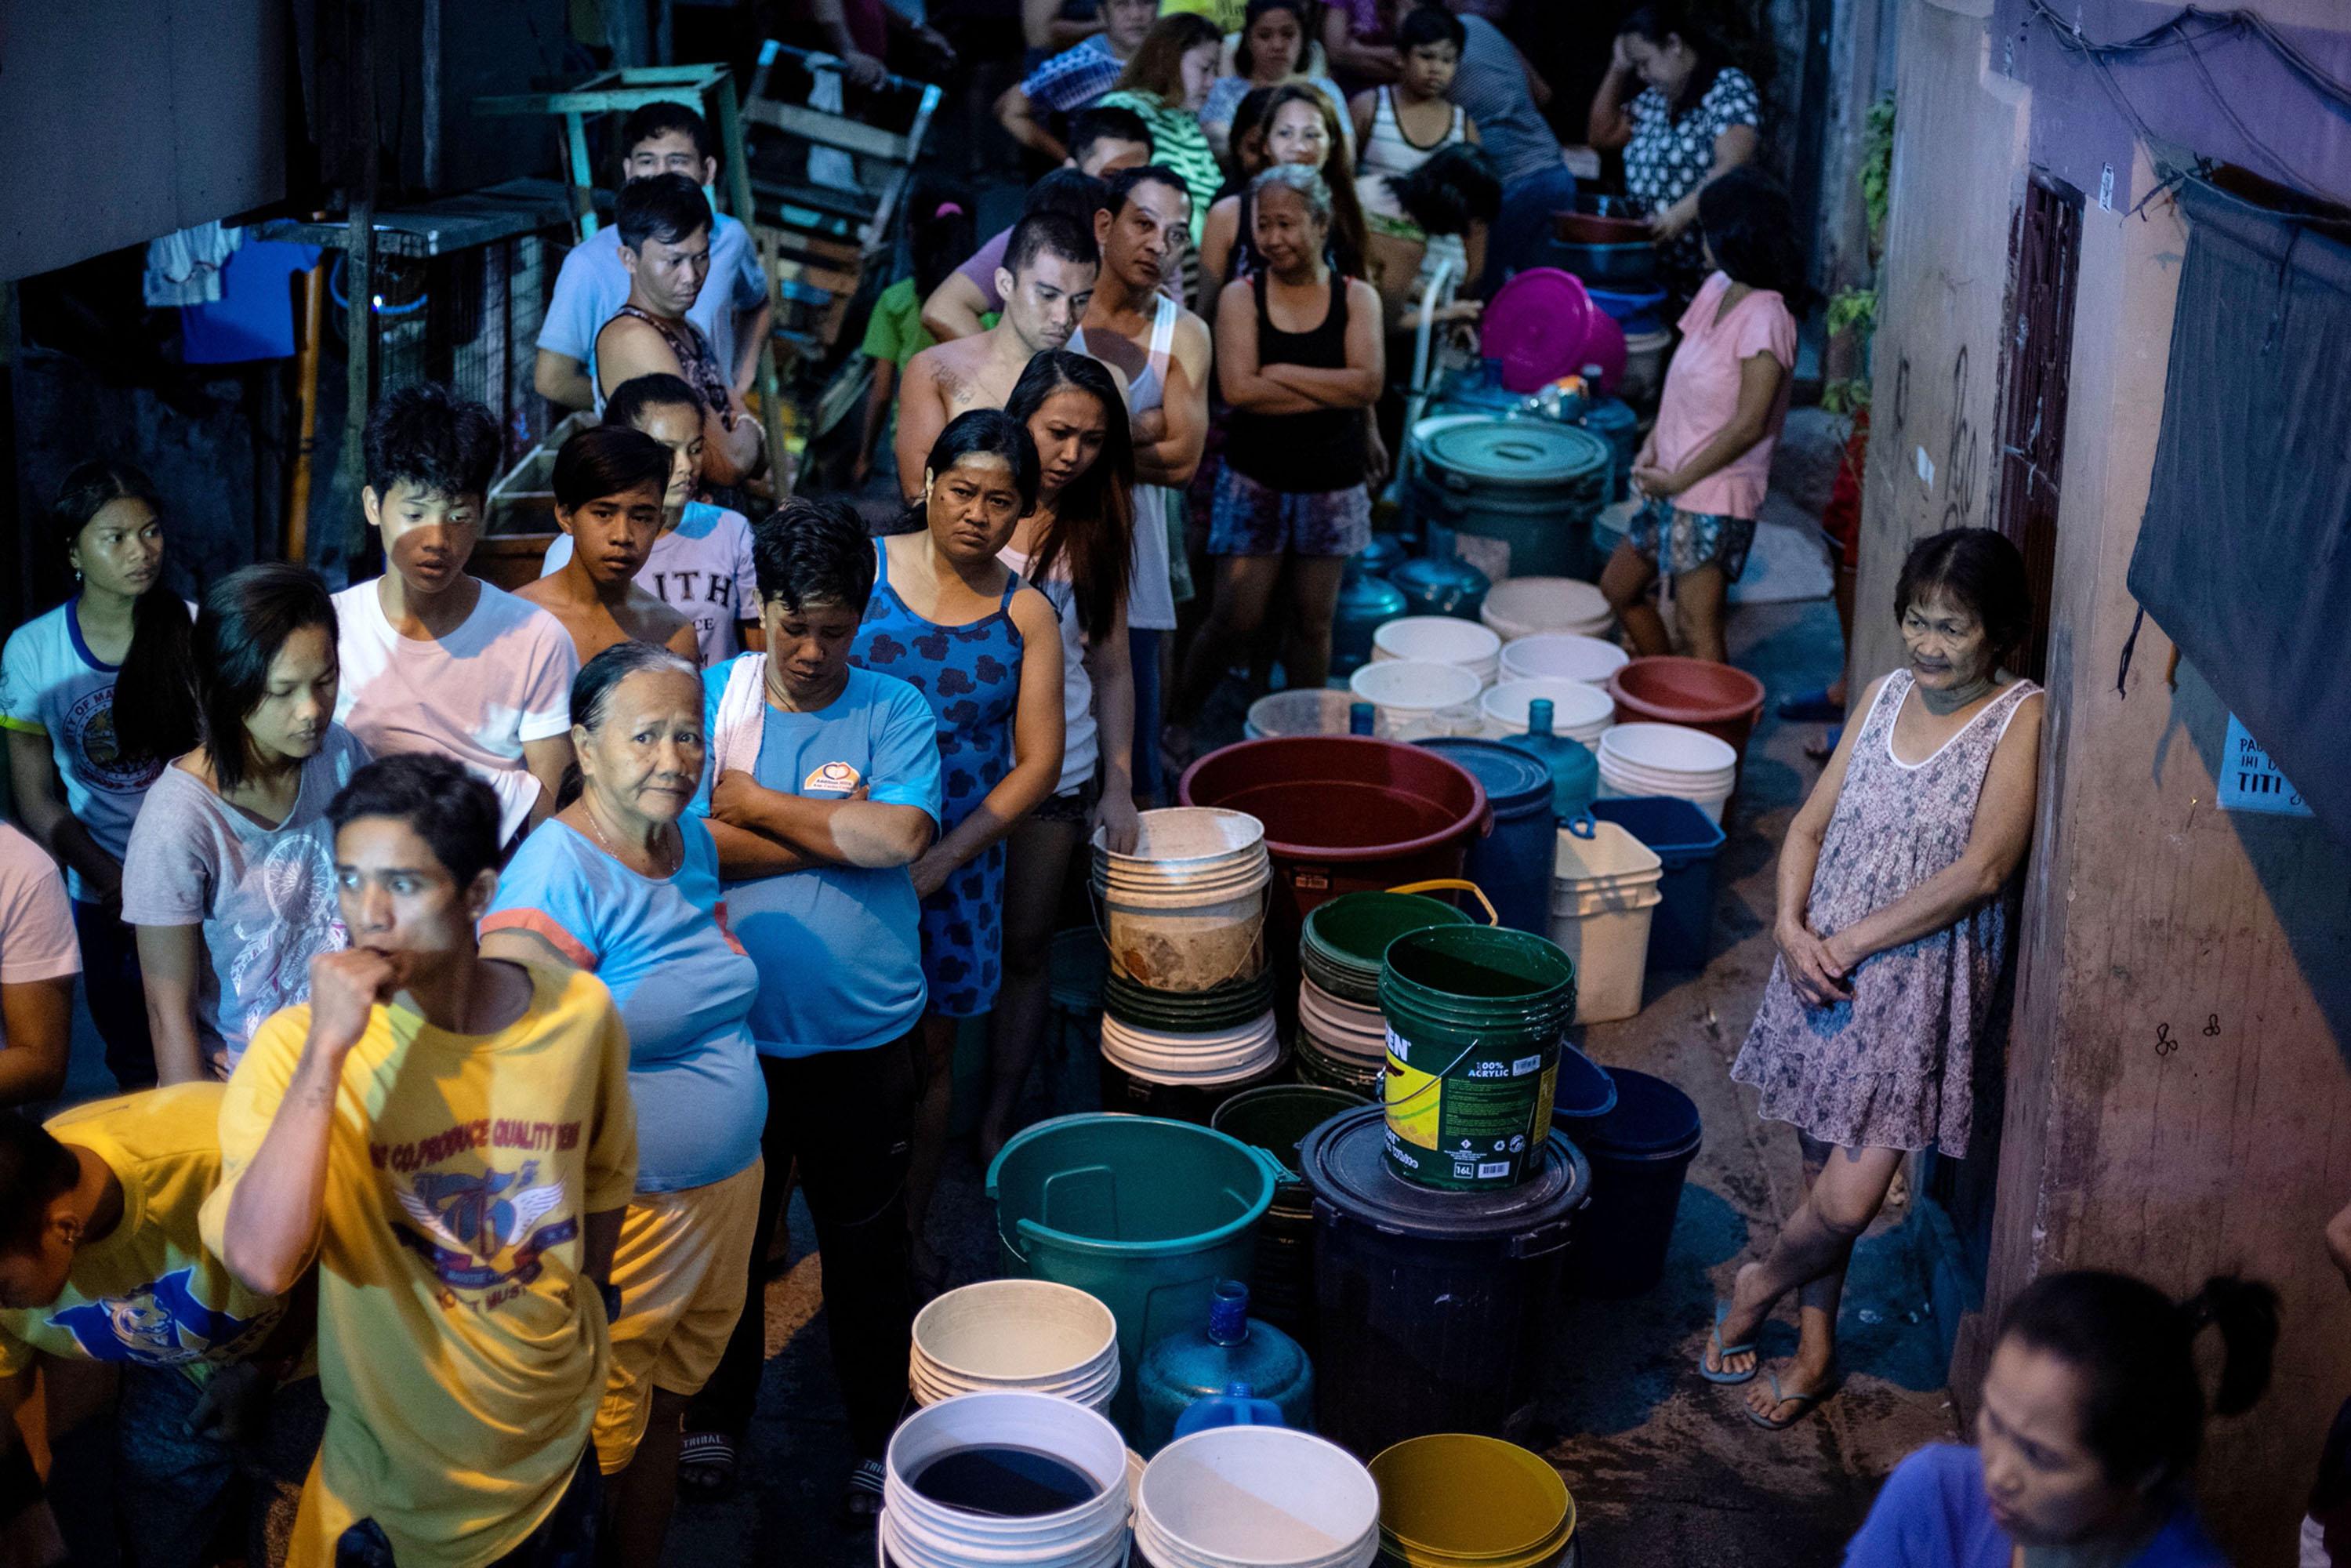 フィリピンの首都で深刻な水不足、インフラ整備の遅れや需要増加で